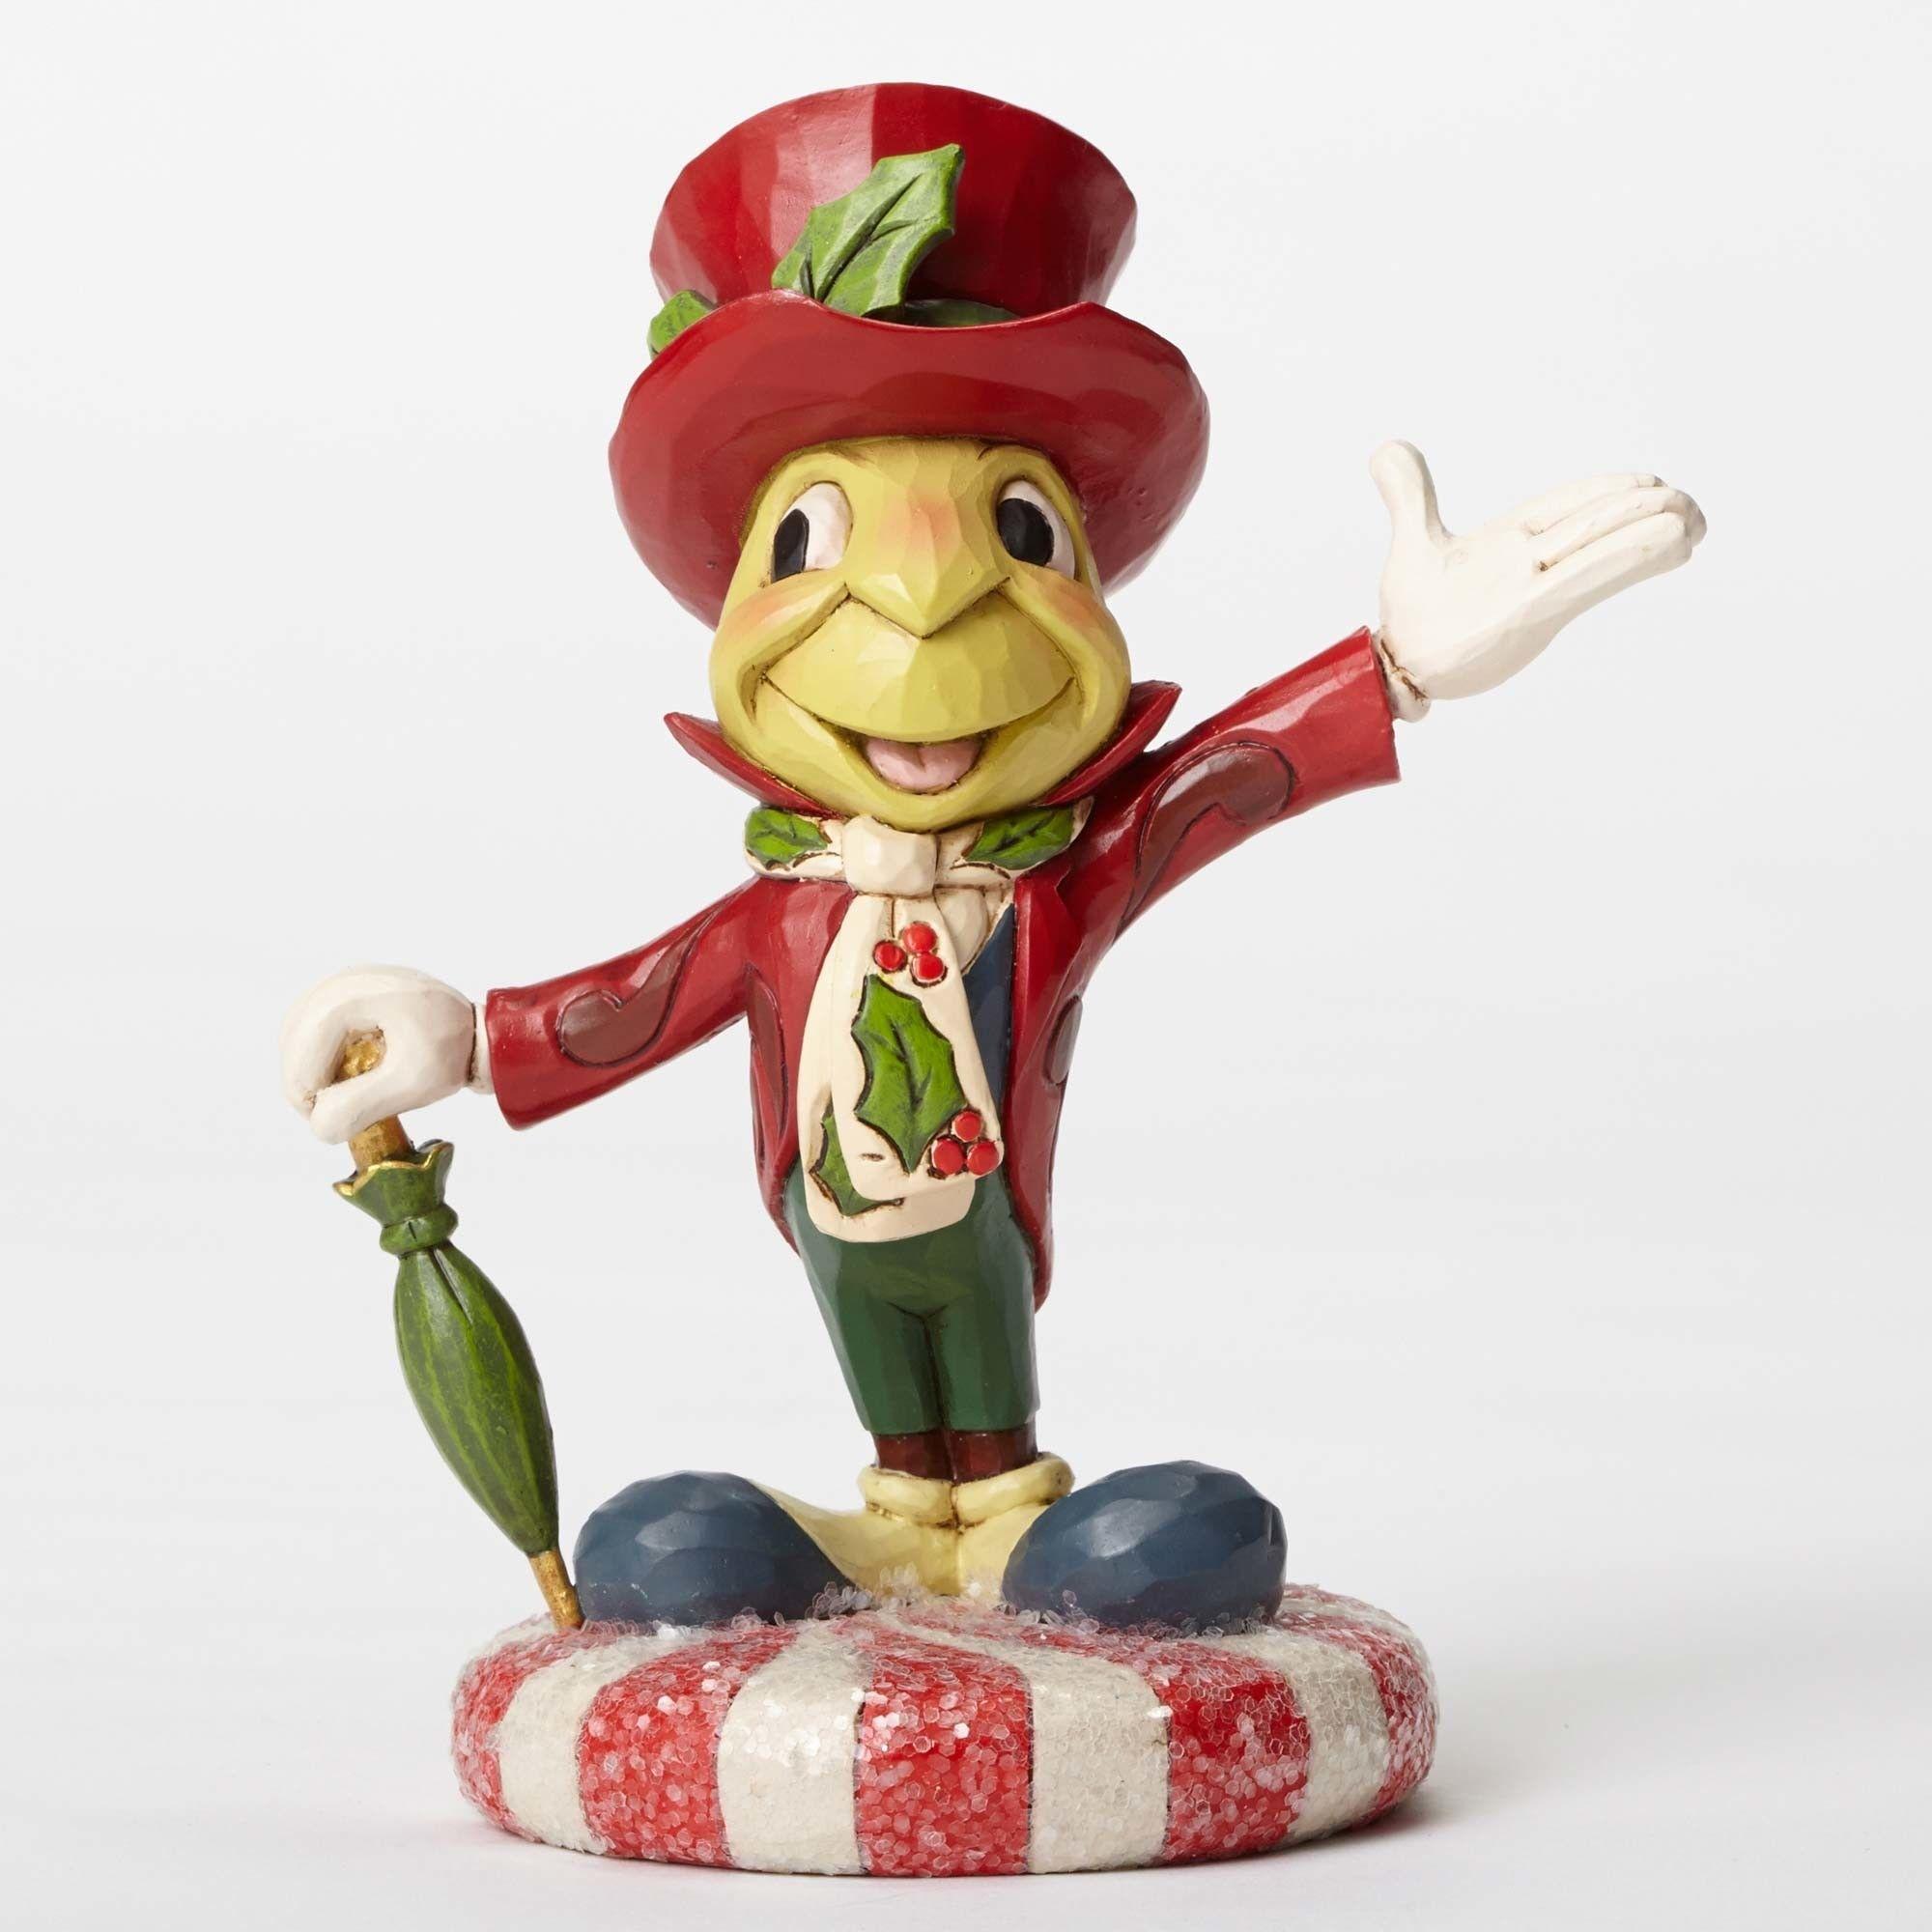 Jolly Jiminy Jiminy Cricket Sugar Coat Figurine Disney Traditions With Images Disney Traditions Jiminy Cricket Disney Collectables